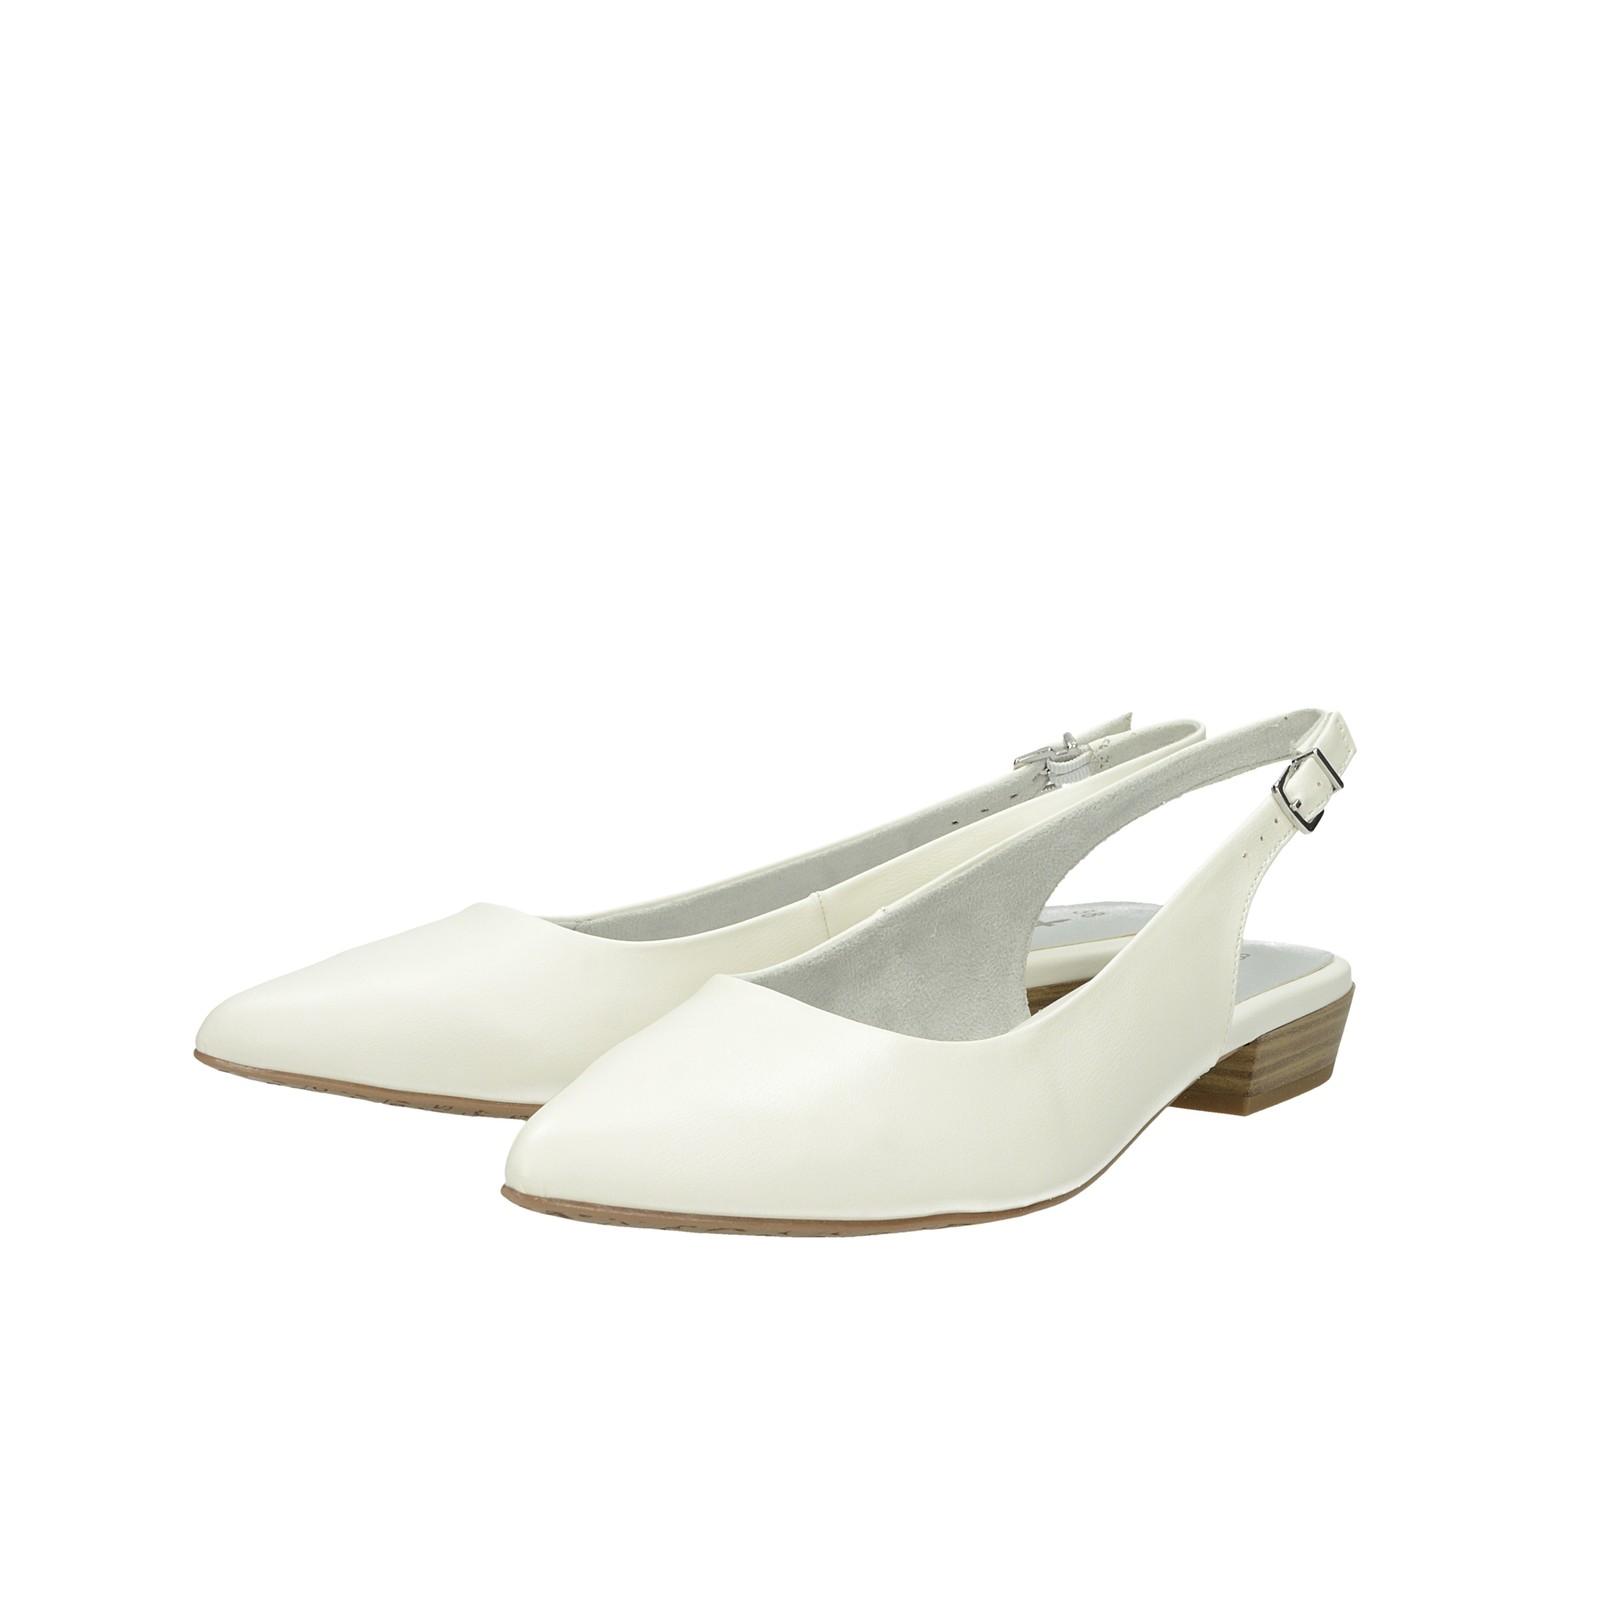 e8086d1b9327 ... Tamaris dámske pohodlné sandále - biele ...